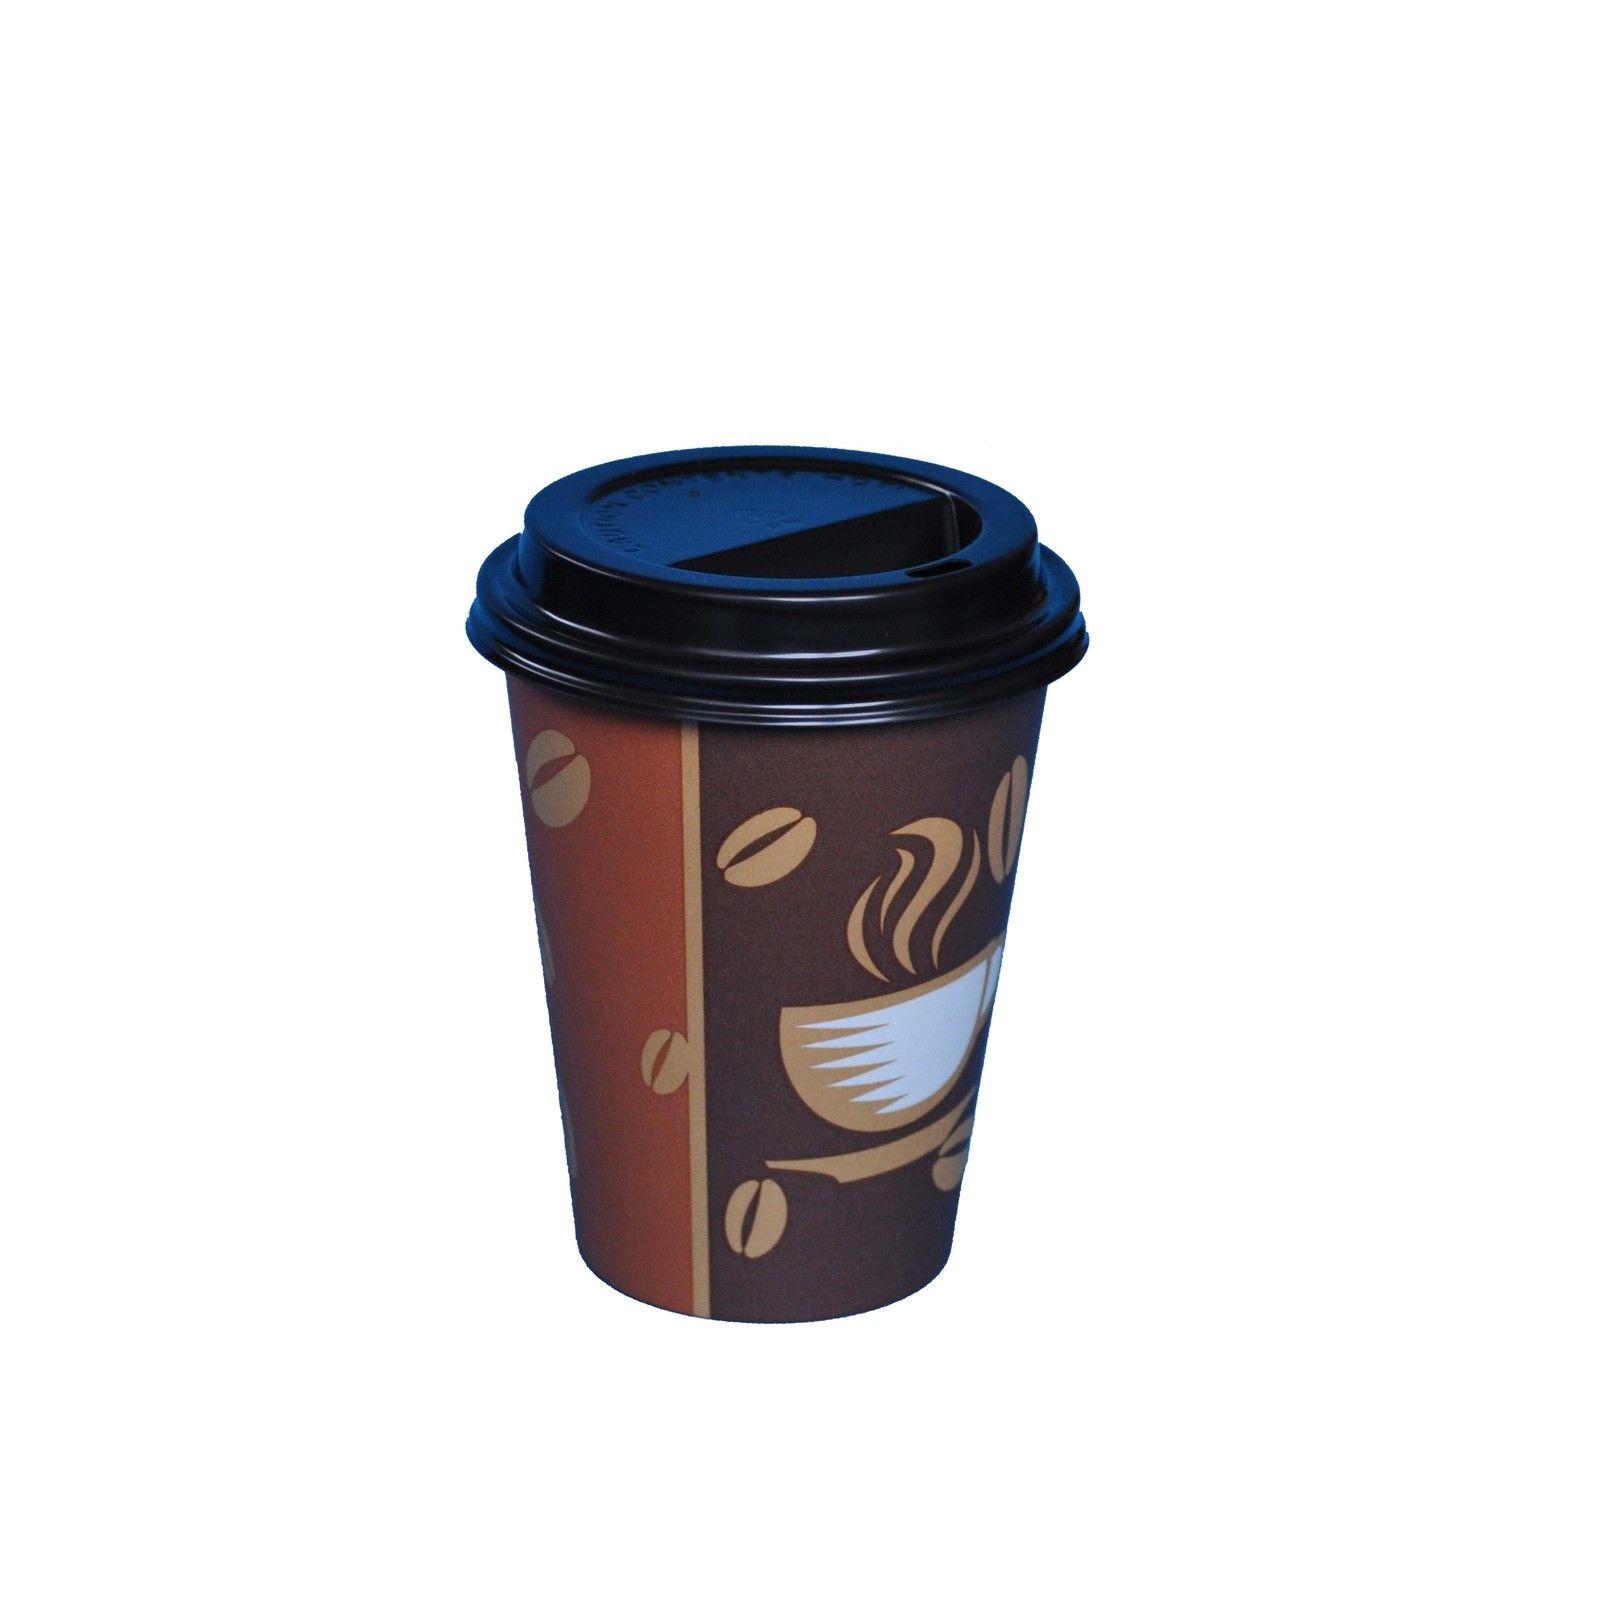 golder kaffee to go becher kaffeebecher pappbecher. Black Bedroom Furniture Sets. Home Design Ideas